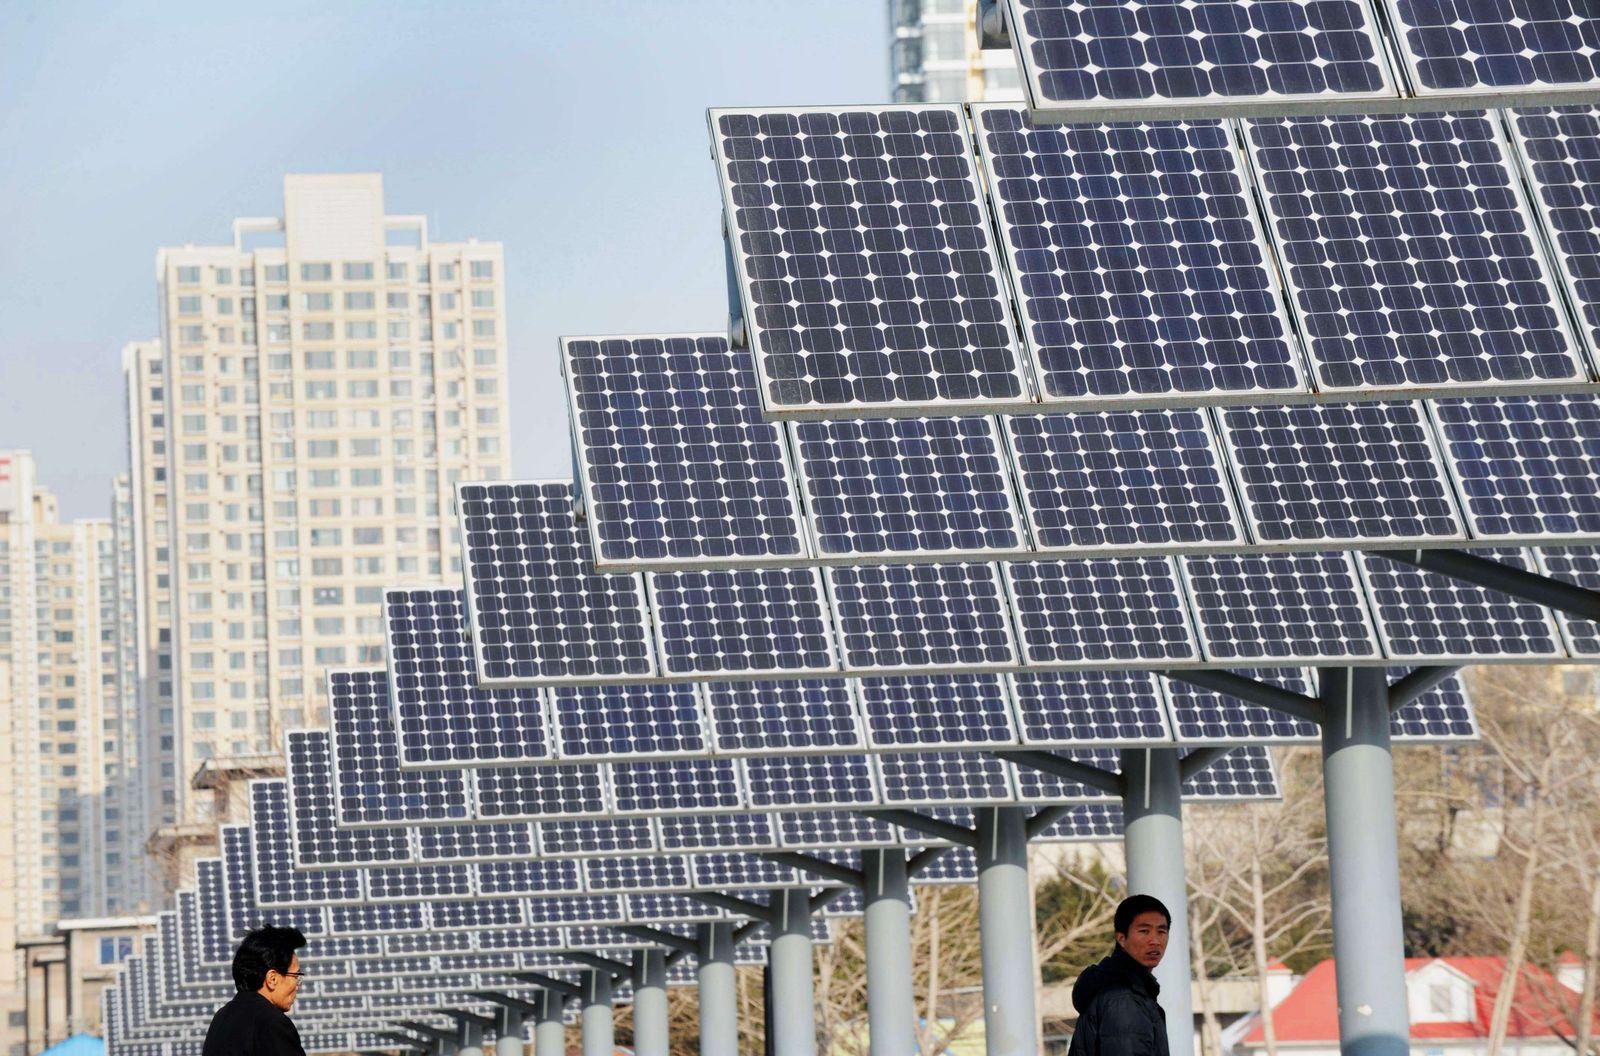 CHINA-UN-CLIMATE-WARMING-ENVRIONMENT